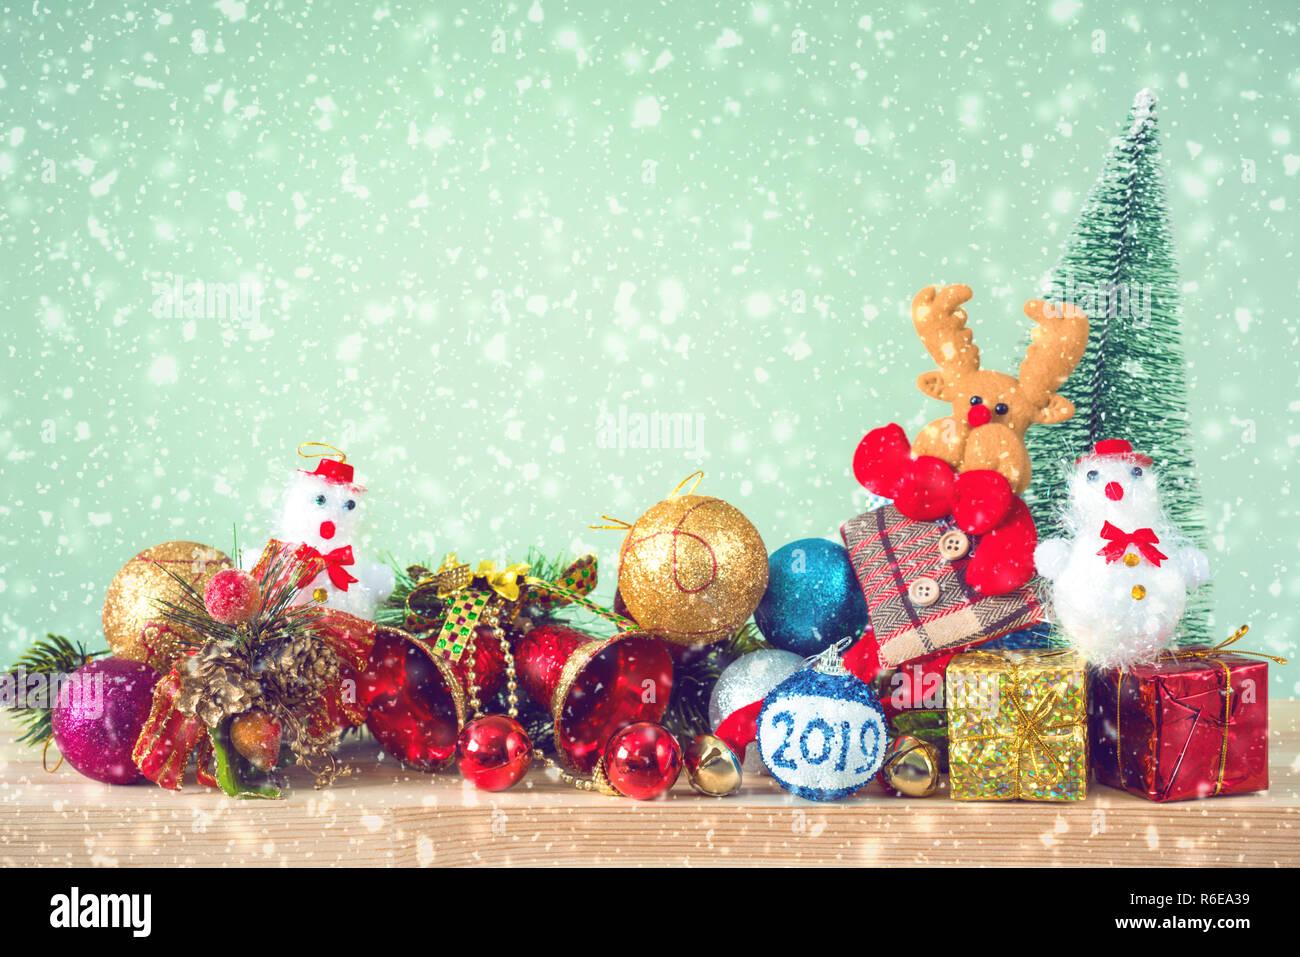 Weihnachtsbaum Schneit.Weihnachten Hintergrund Weihnachtsbaum Und Ornamente Liegen Auf